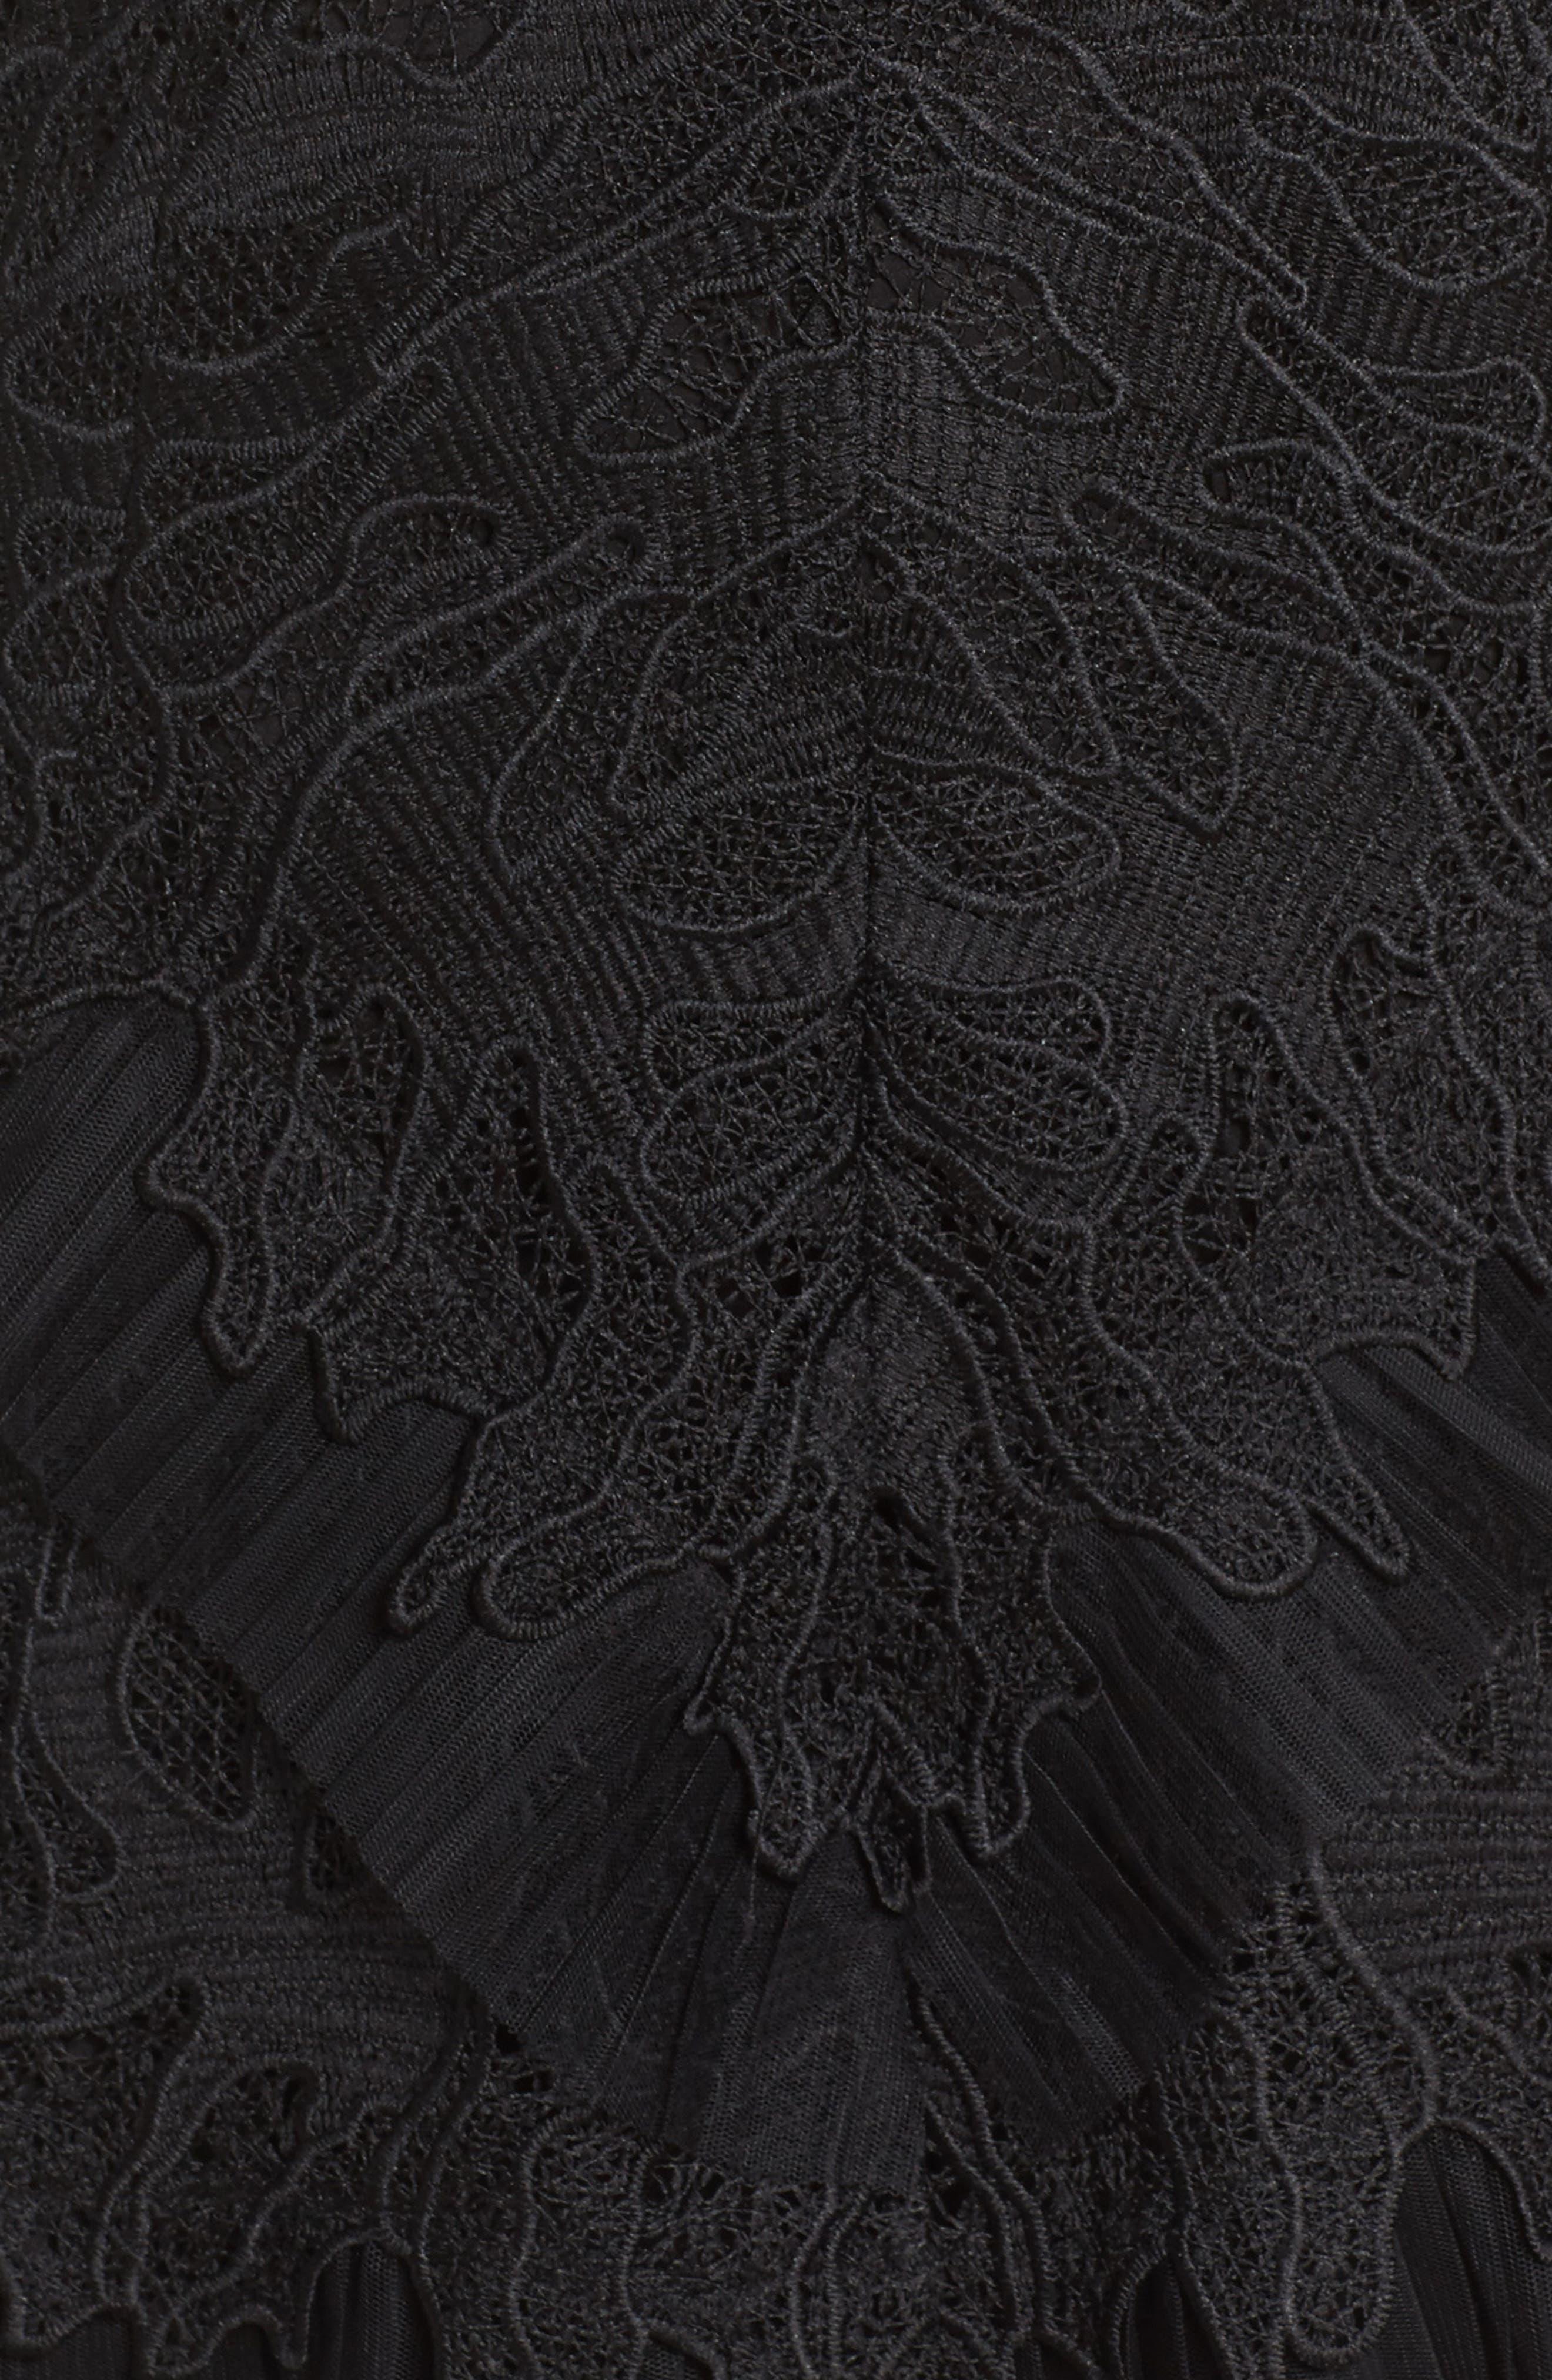 Ruffle Trim Lace Sheath Dress,                             Alternate thumbnail 6, color,                             Black